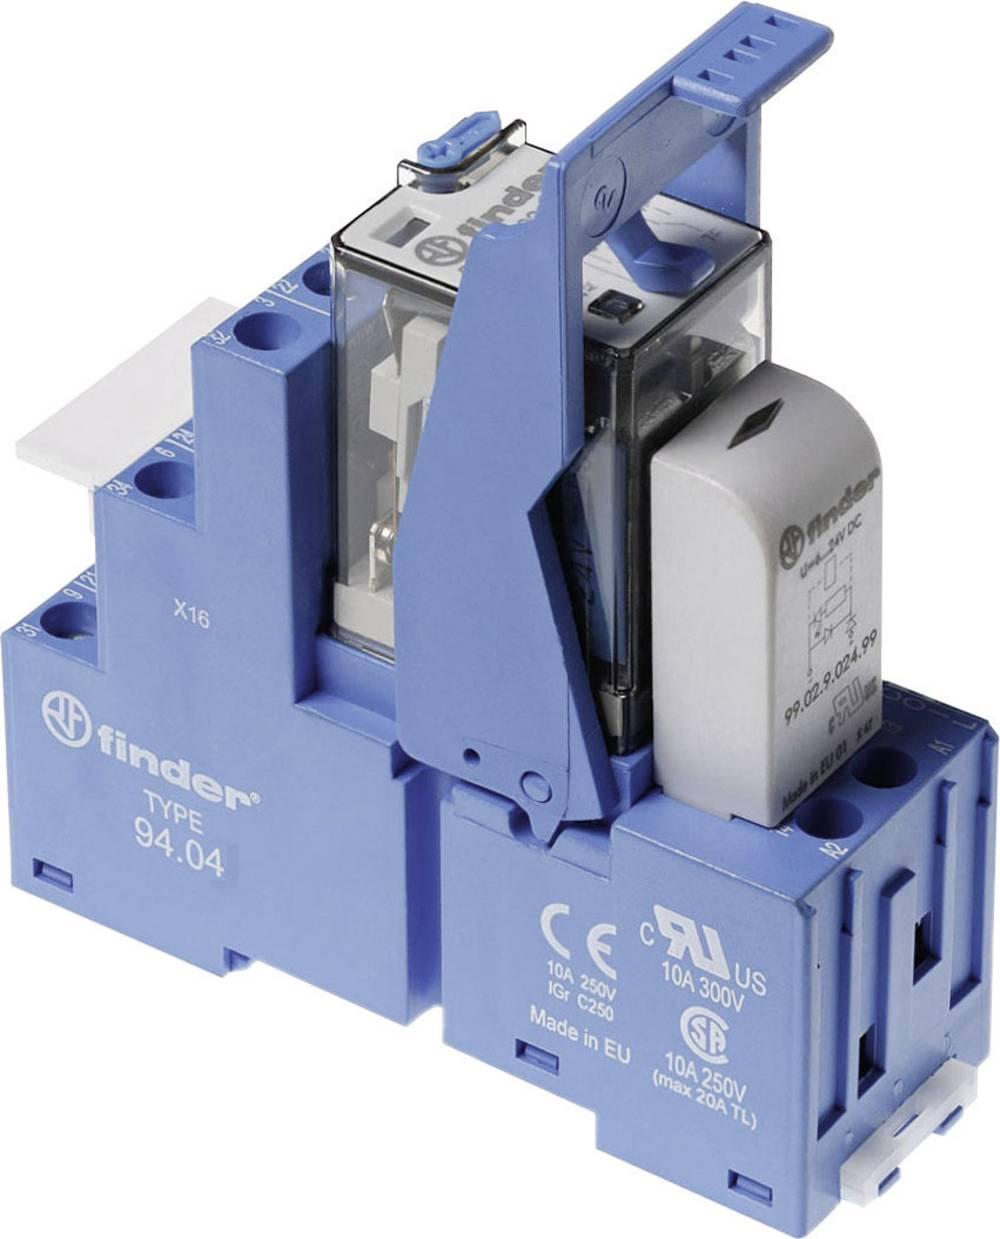 Relækomponent 1 stk Finder 58.34.9.125.0050 Nominel spænding: 125 V/DC Brydestrøm (max.): 7 A 4 x omskifter